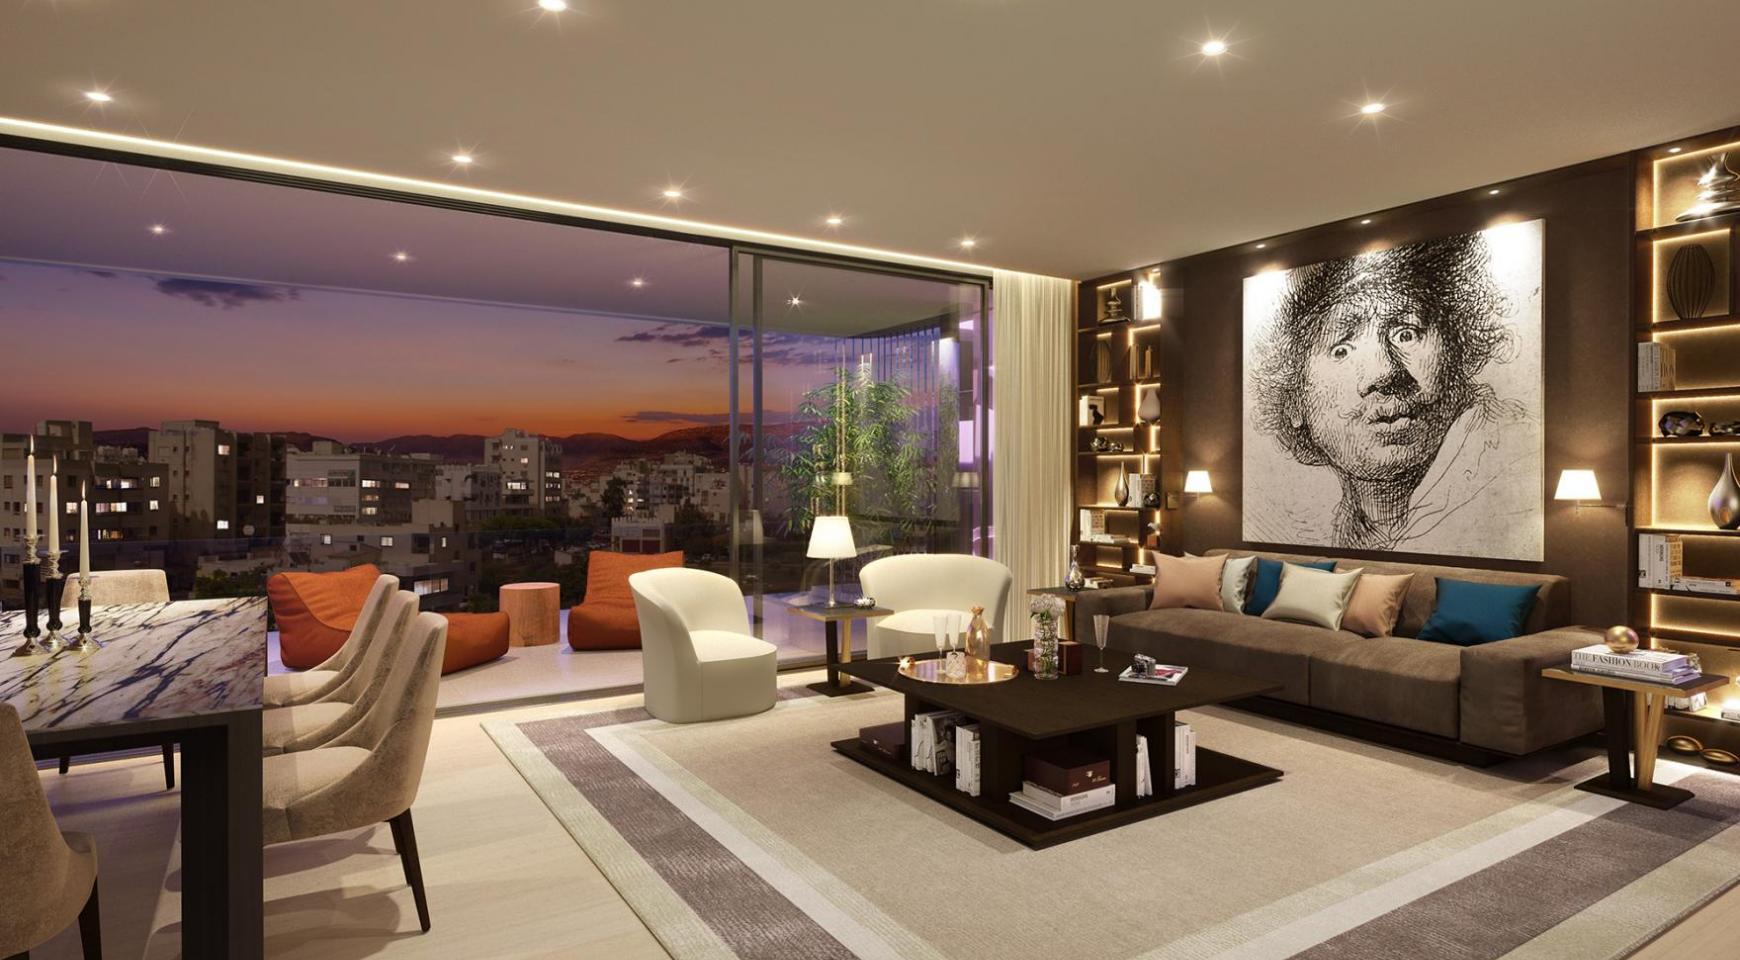 Новая 3-Спальная Квартира с Частной Террасой на Крыше в Центре Города - 2